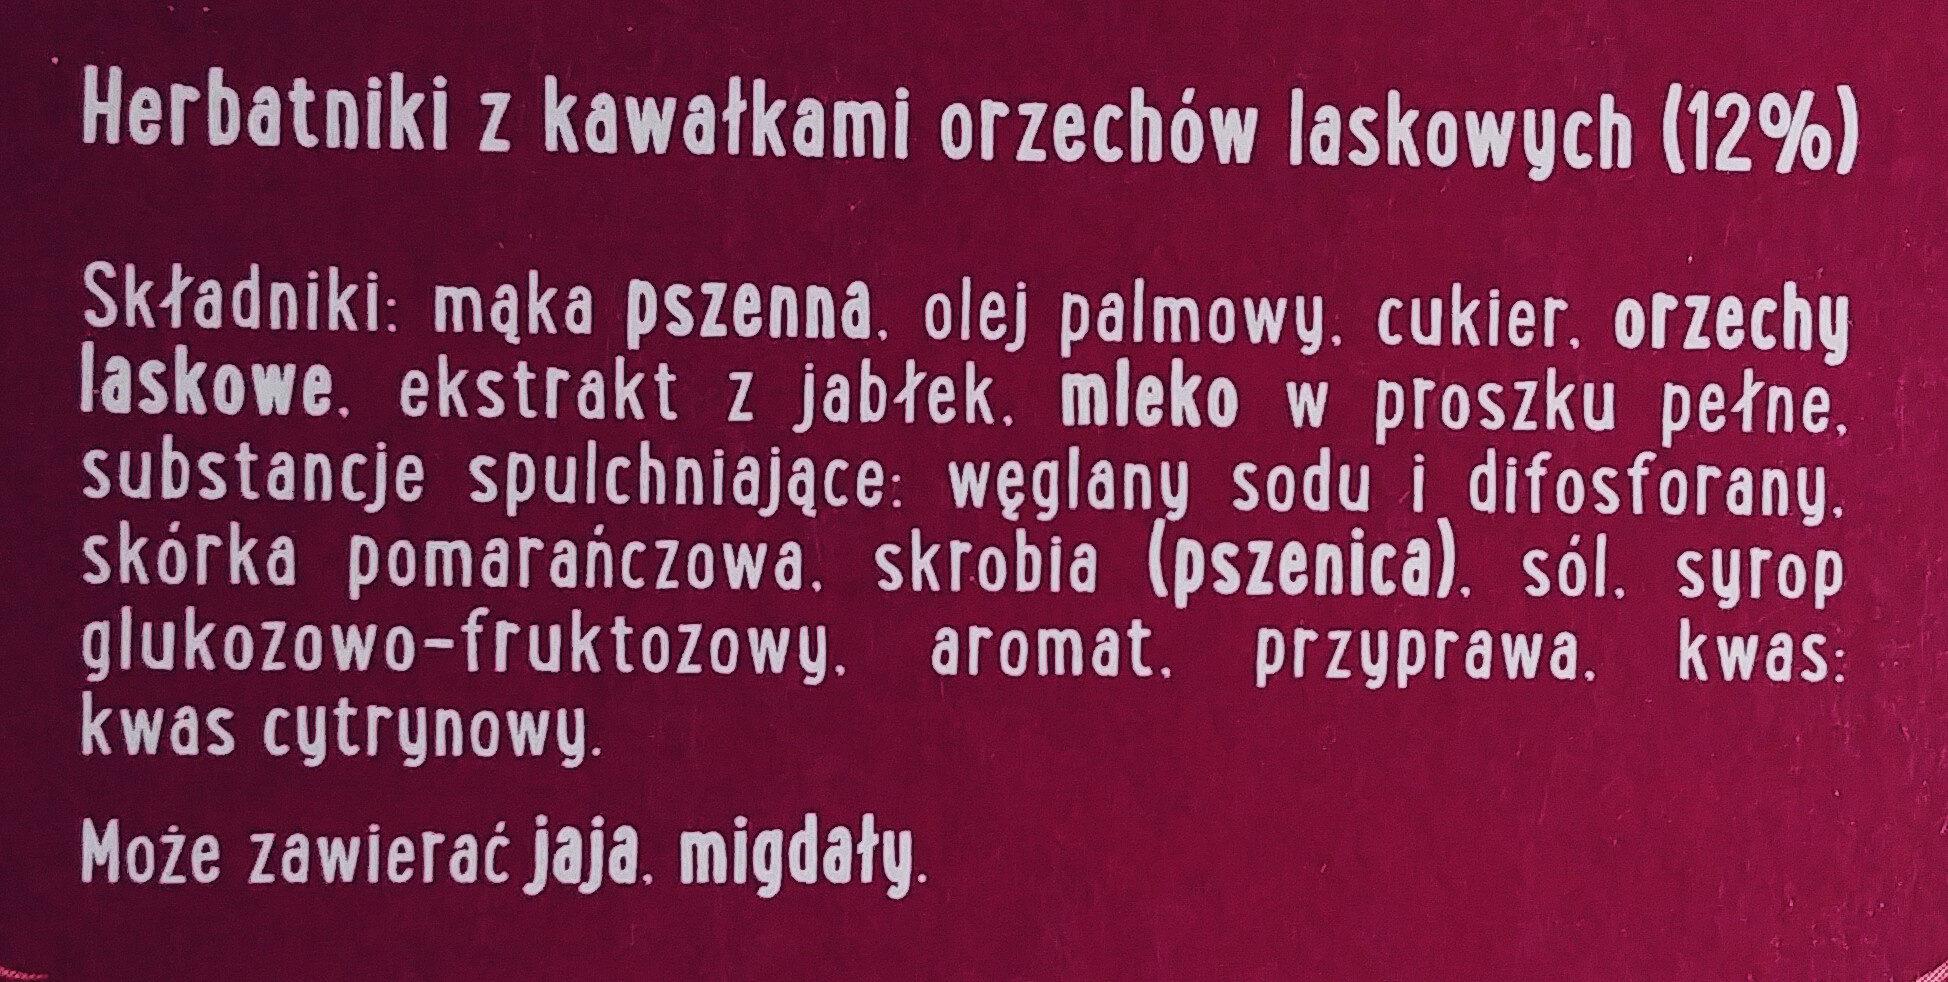 Herbatniki z kawałkiami orzechów laskowych (12%) - Składniki - pl